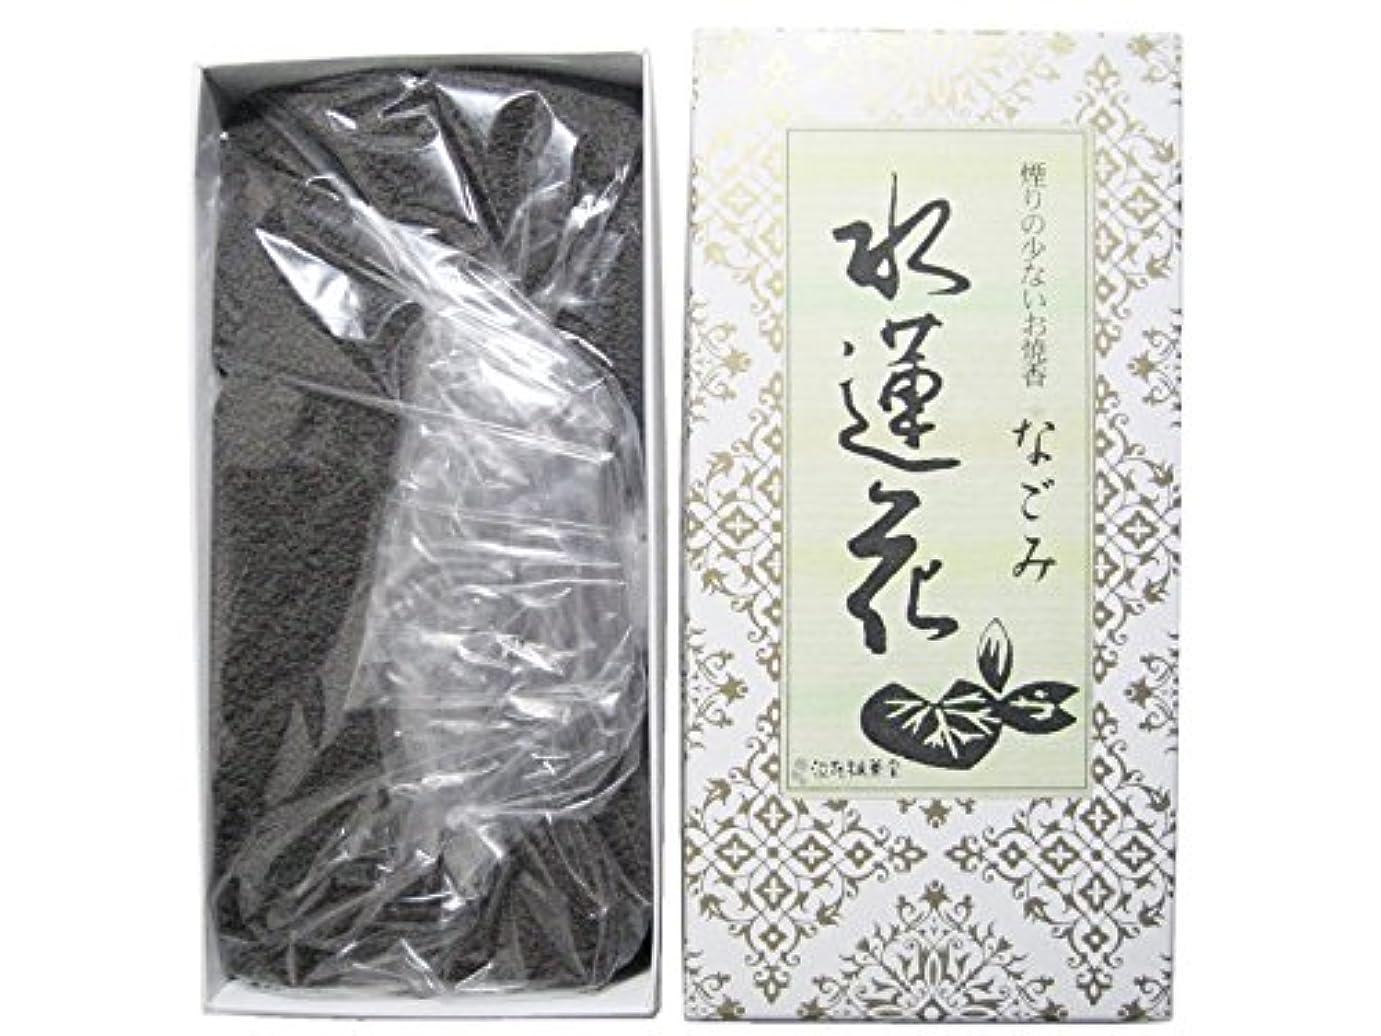 綺麗なところで通行人淡路梅薫堂のお香 煙の少ないお焼香 なごみ 水蓮花 500g×30箱 #931